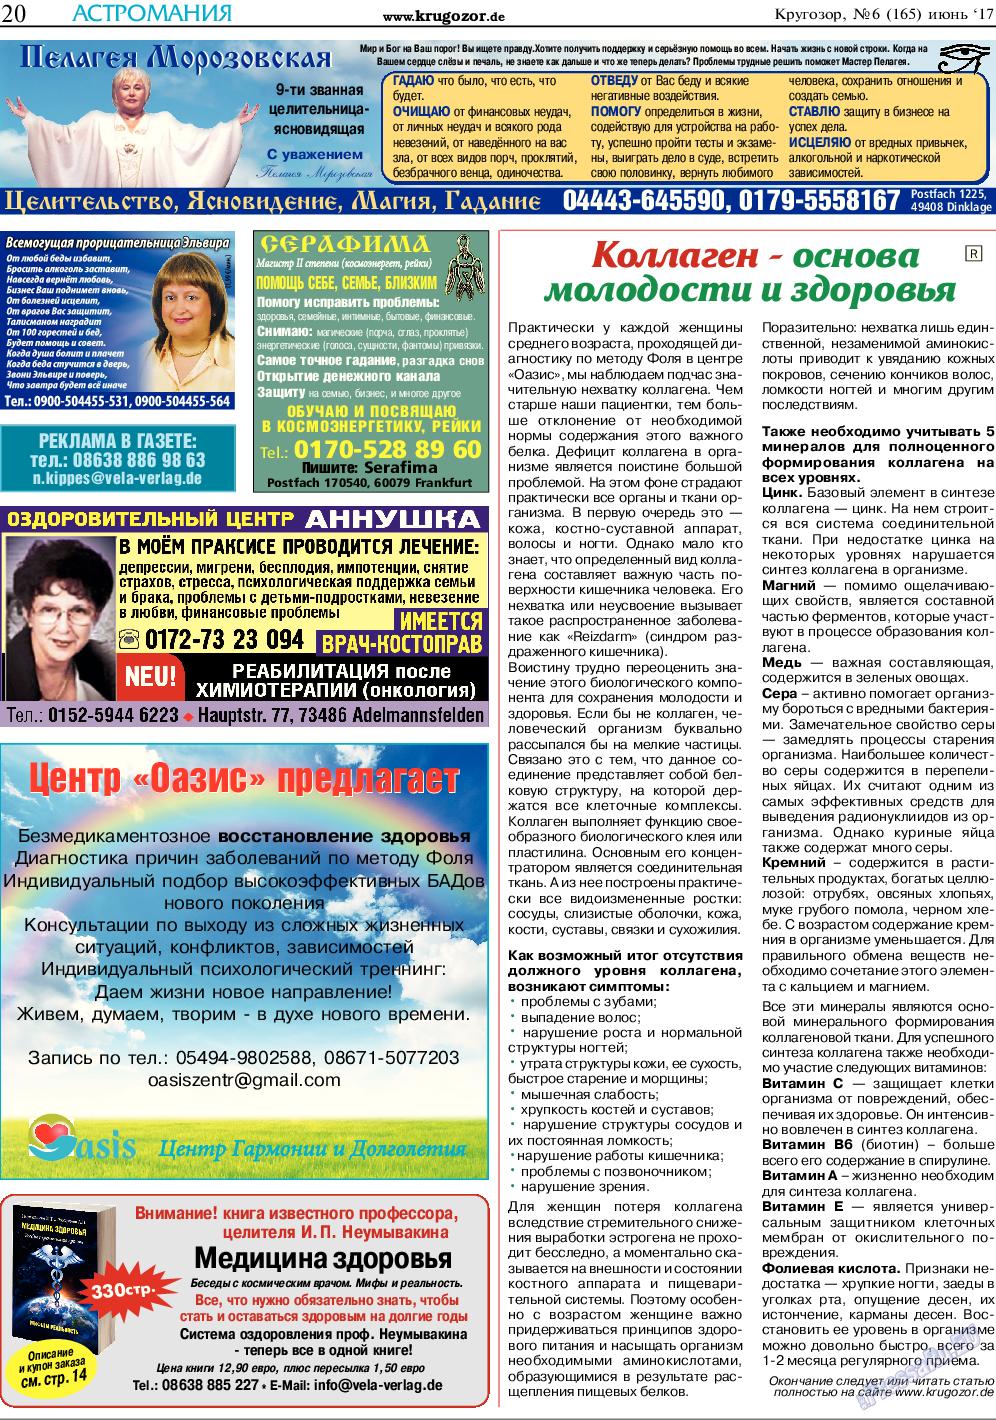 Кругозор (газета). 2017 год, номер 6, стр. 20